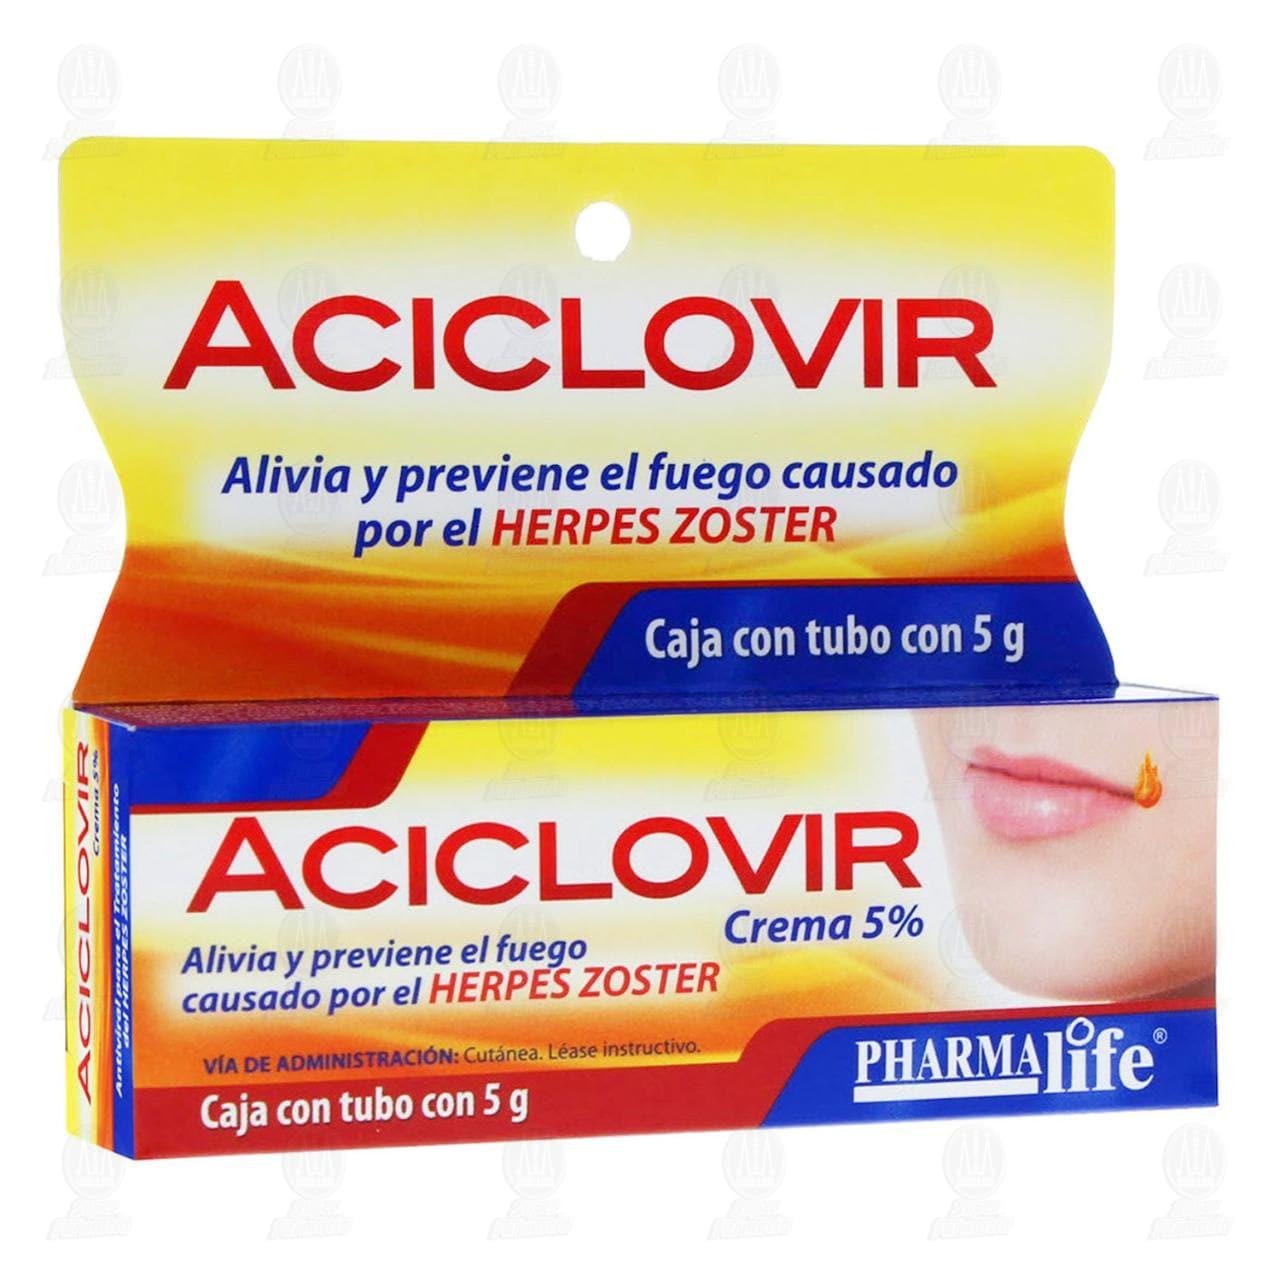 Aciclovir 5% Pharmalife Crema 5gr